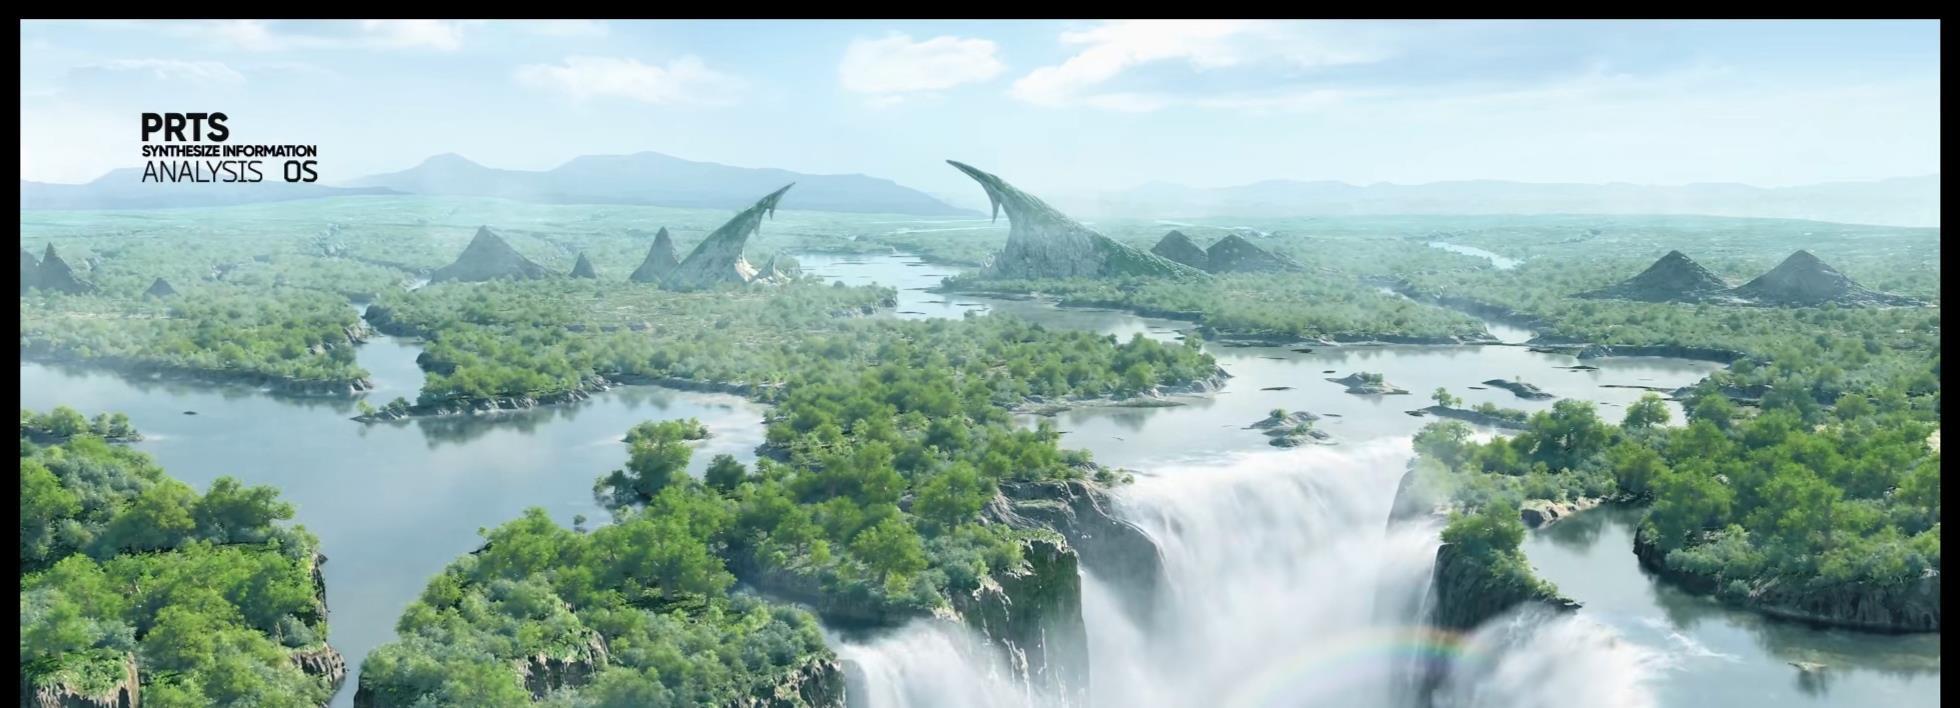 魔女换装_明日方舟: 初探泰拉世界大陆全貌,舟学家的狂欢,考据党的噩梦-第6张图片-游戏摸鱼怪